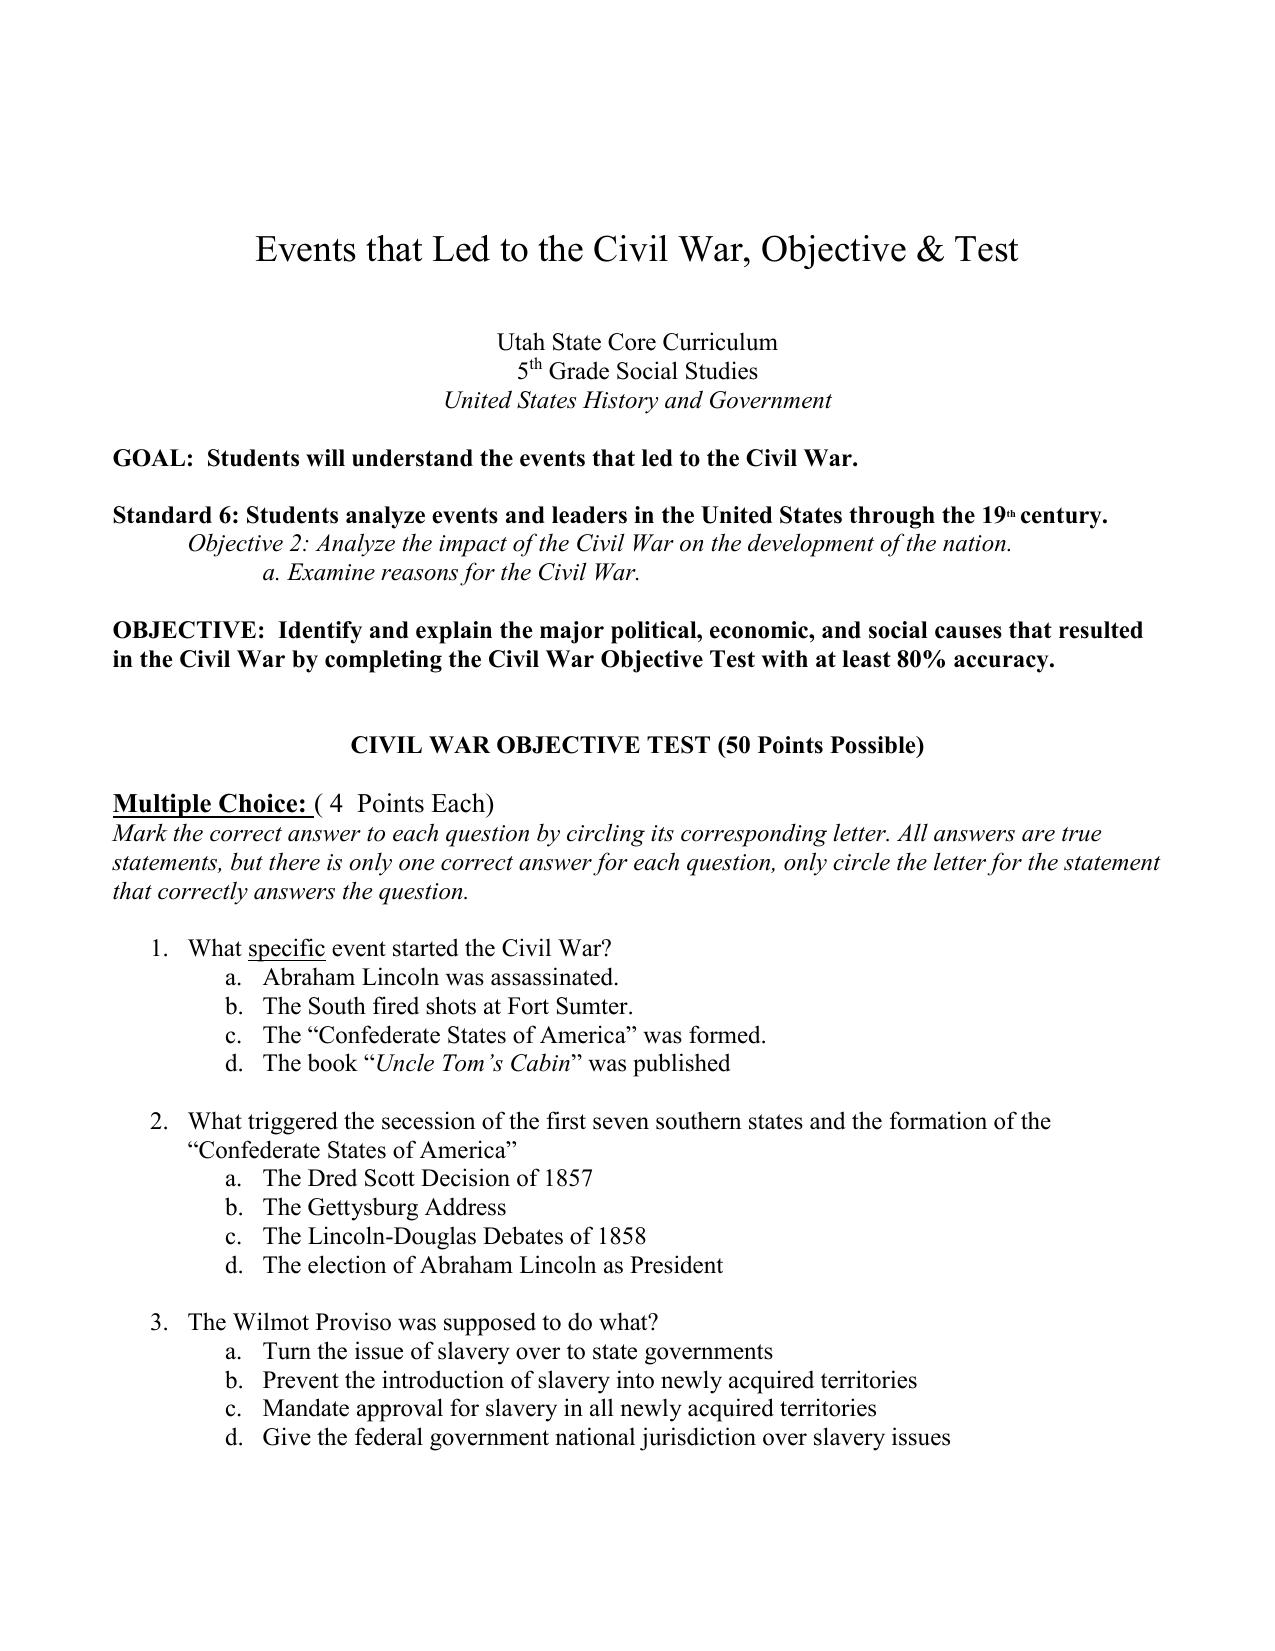 Pre Civil War Objective Test, 5th Grade